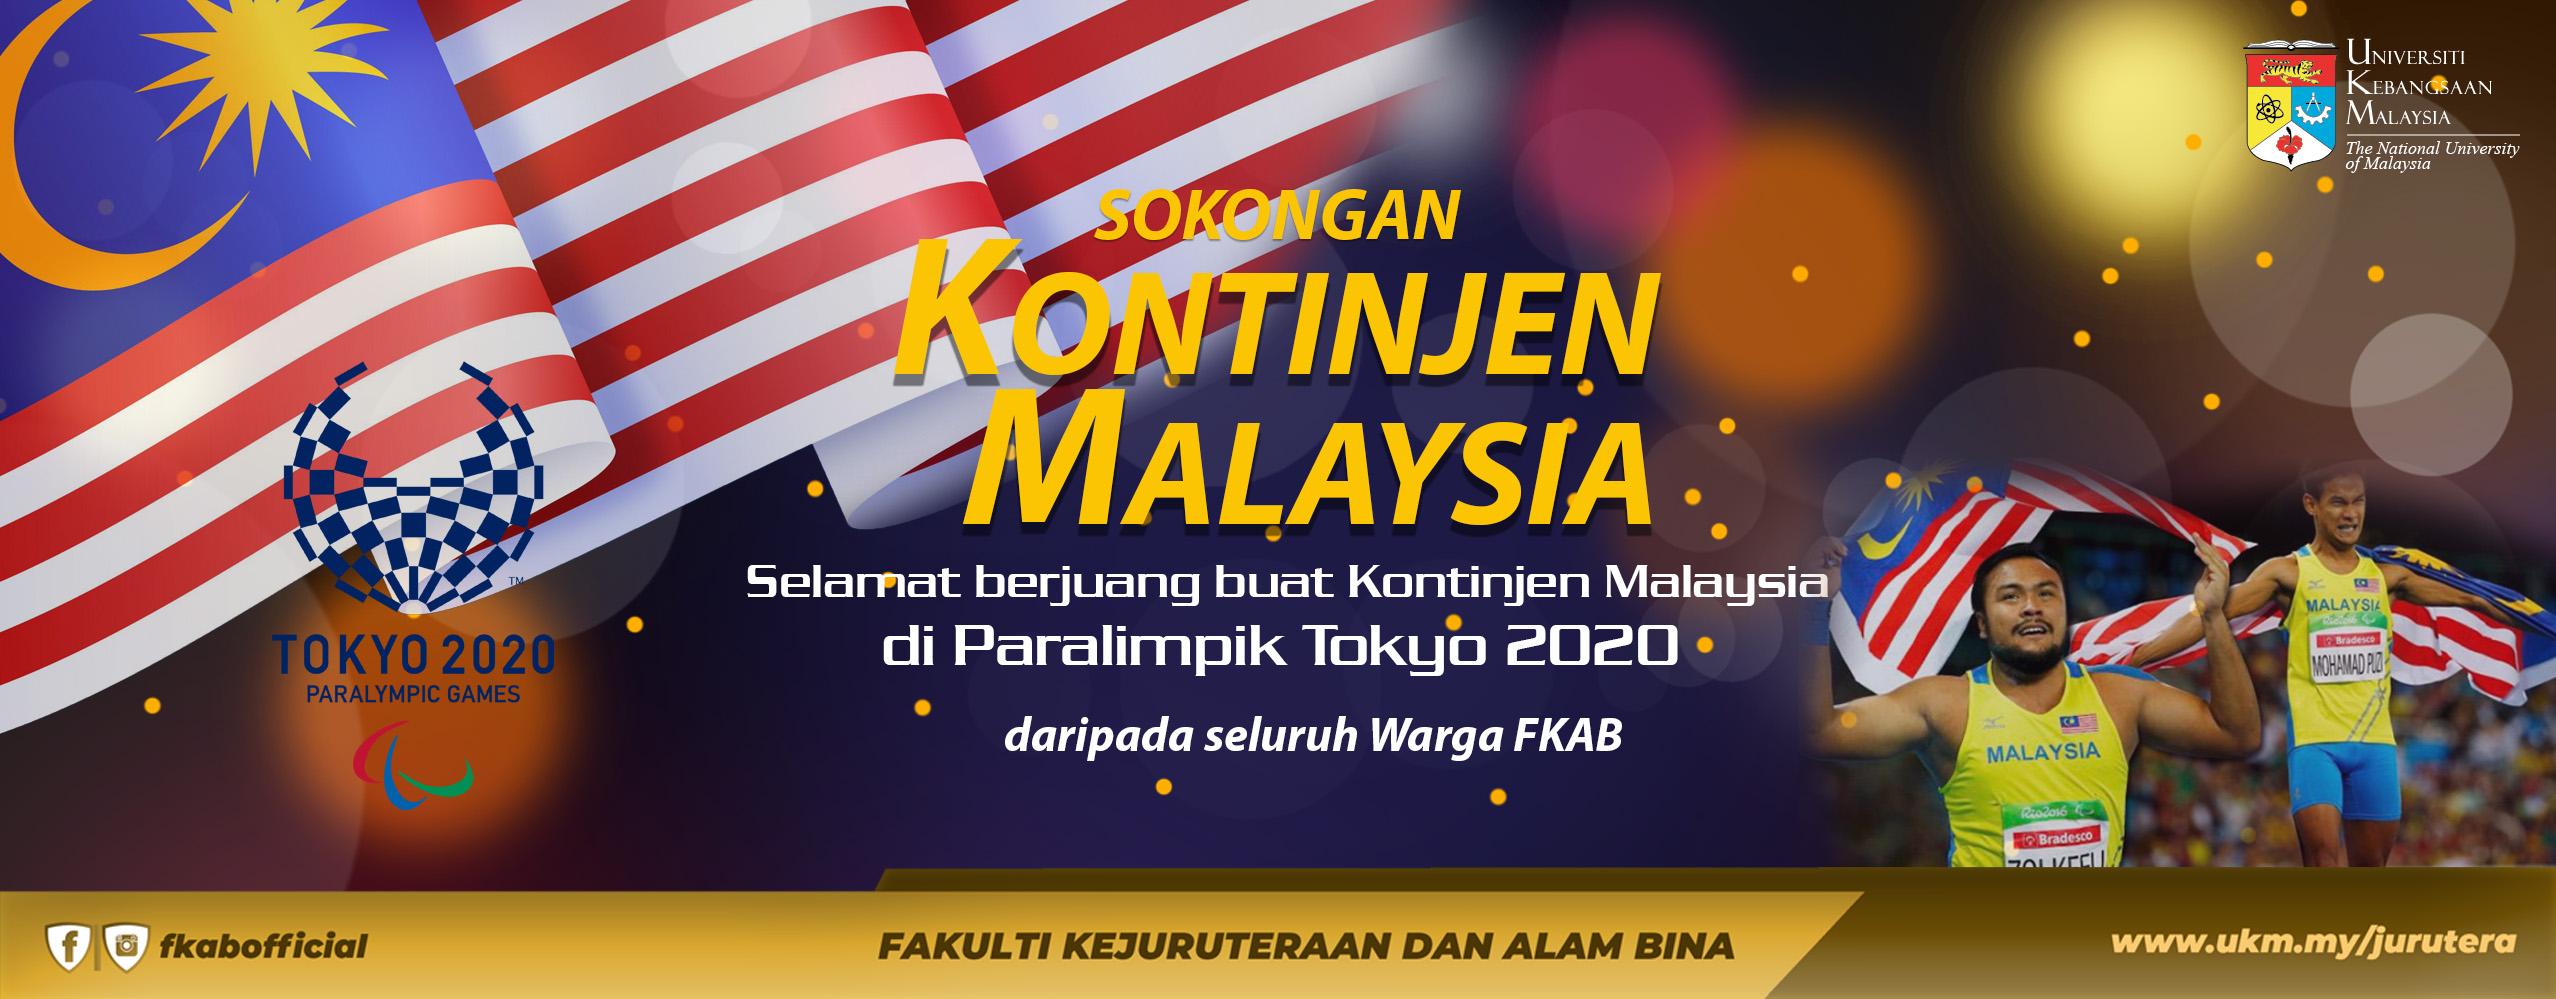 Banner Paralimpik 2020